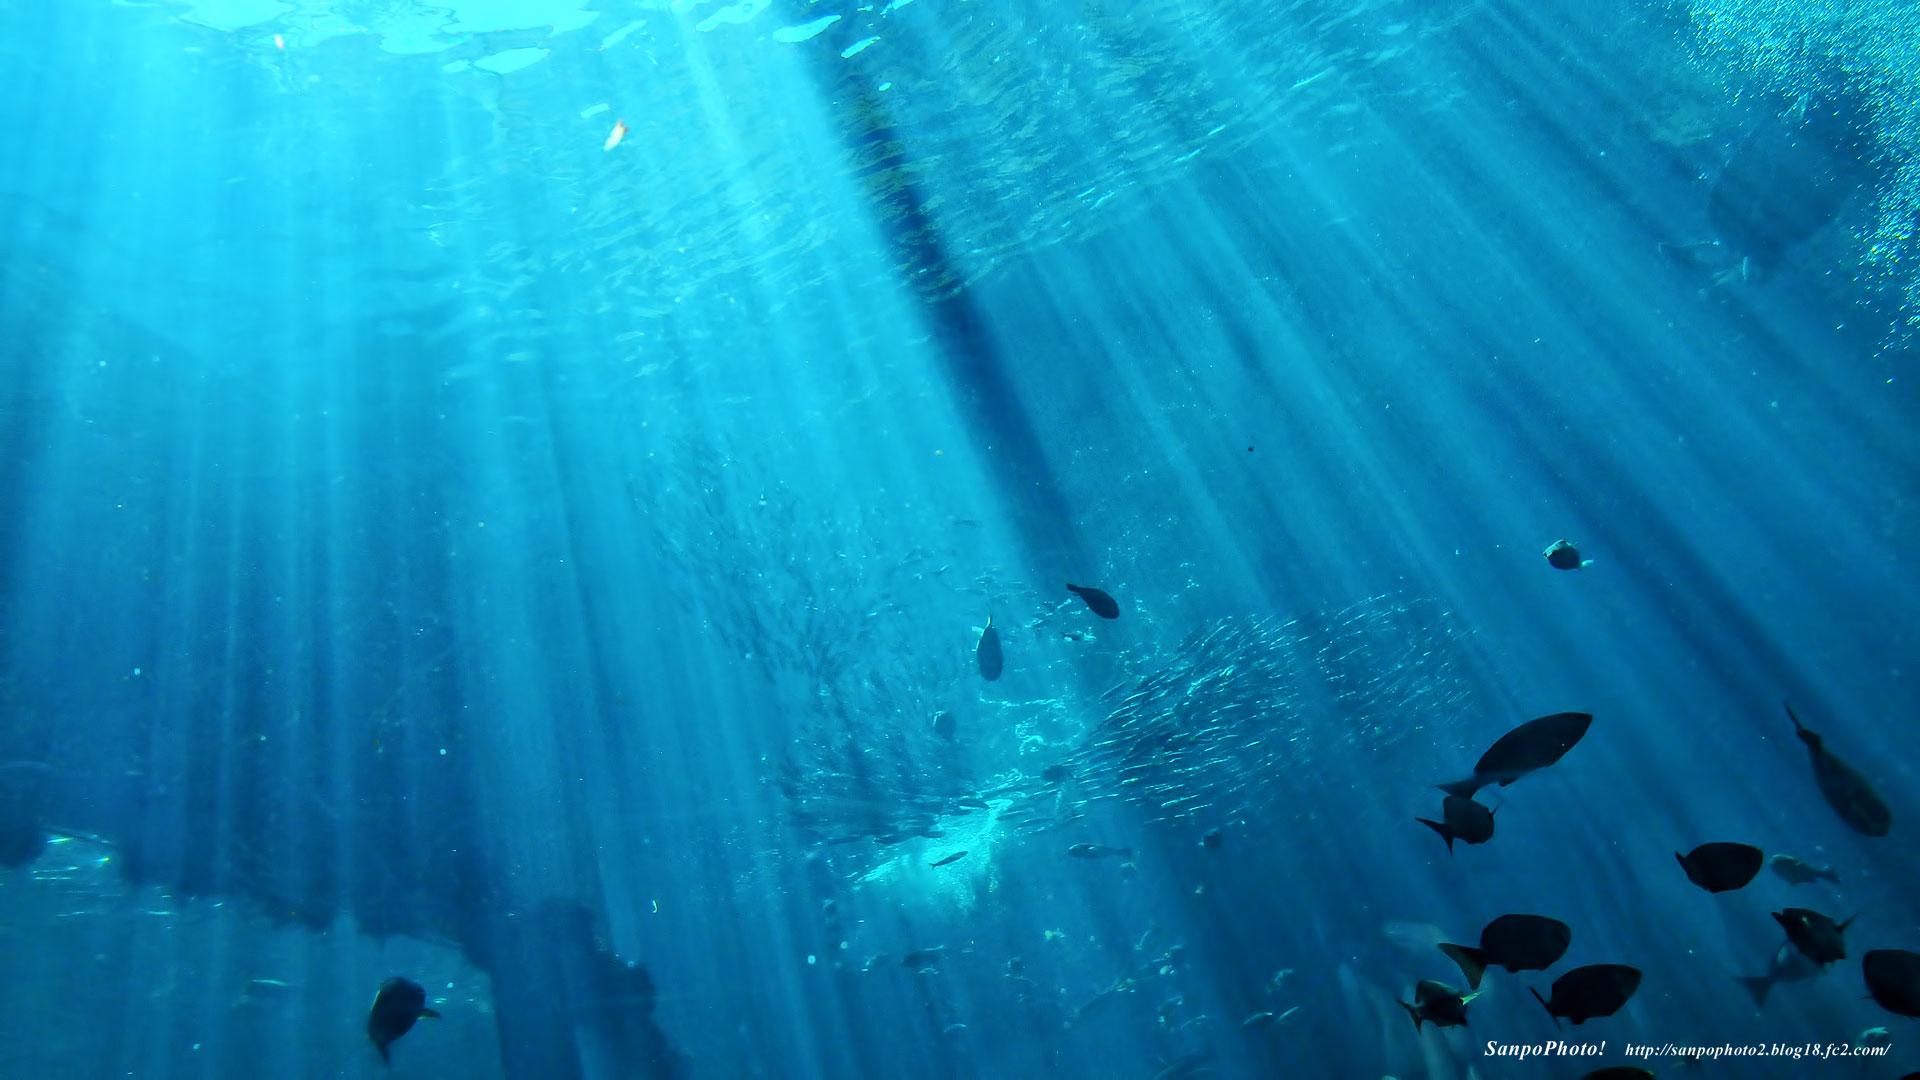 さんぽふぉと Sanpophoto 無料壁紙 美しい下田海中水族館の